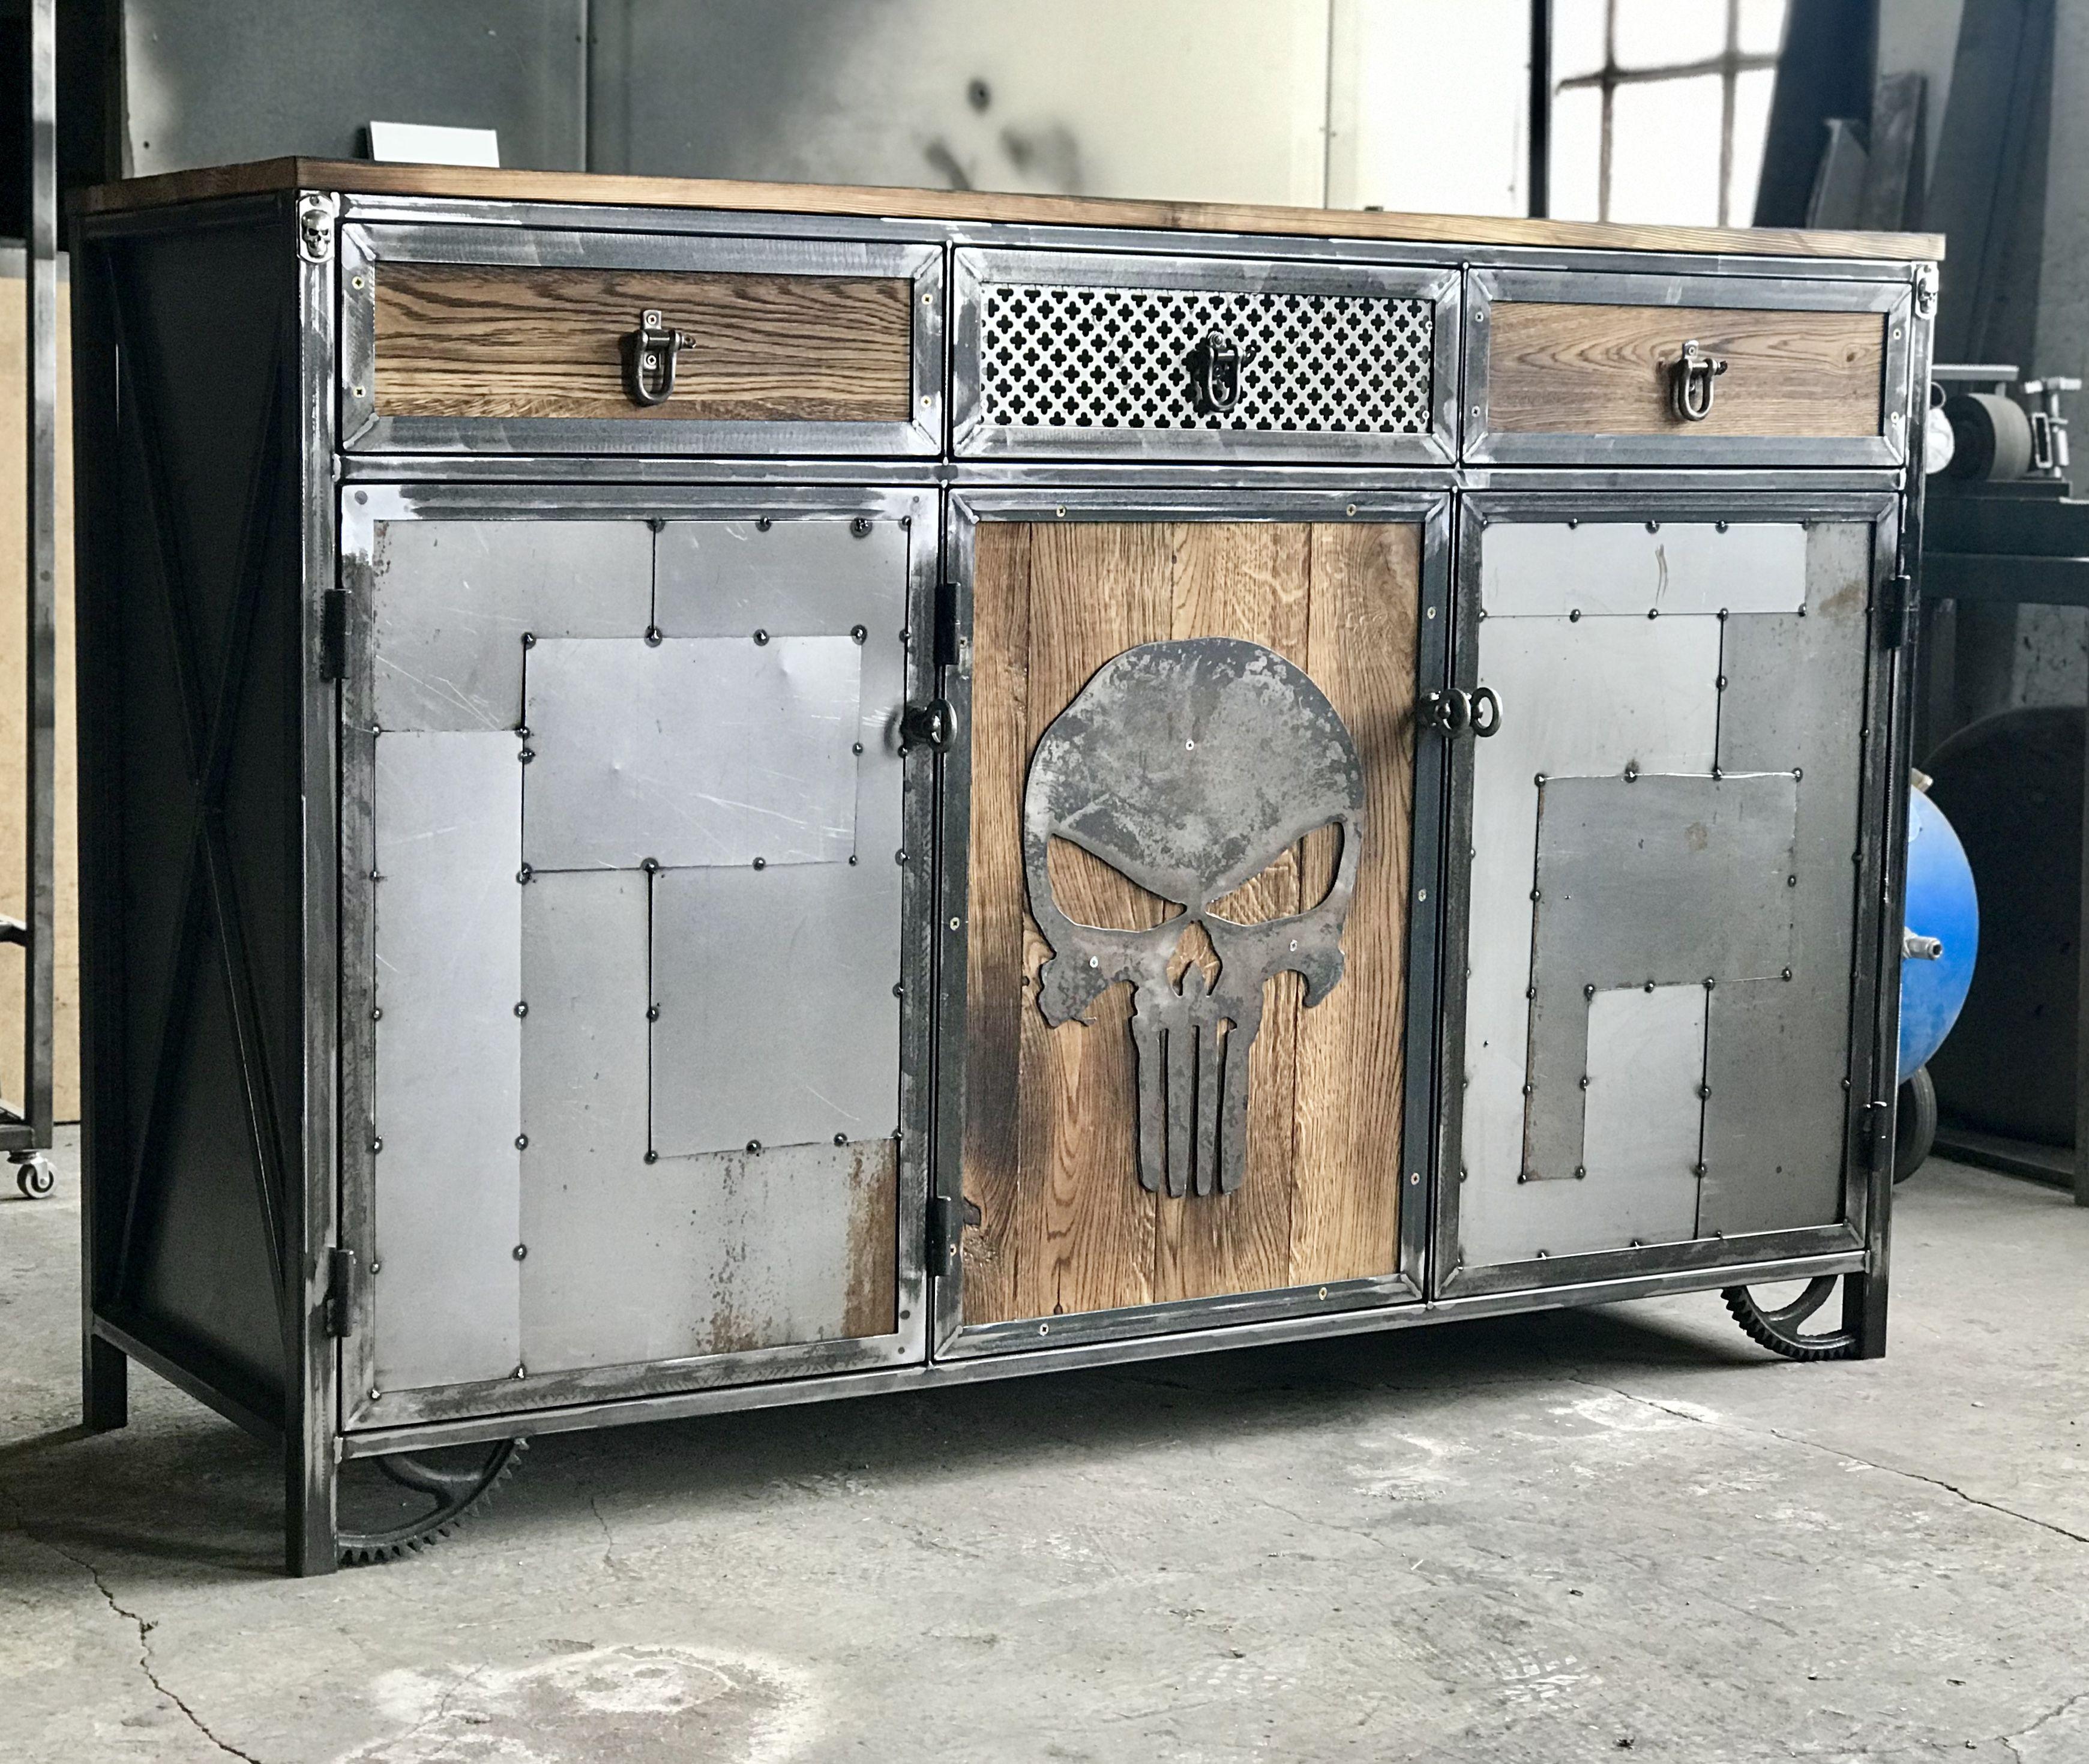 Poignees metal muebles en 2019 muebles industriales for Muebles industriales metal baratos